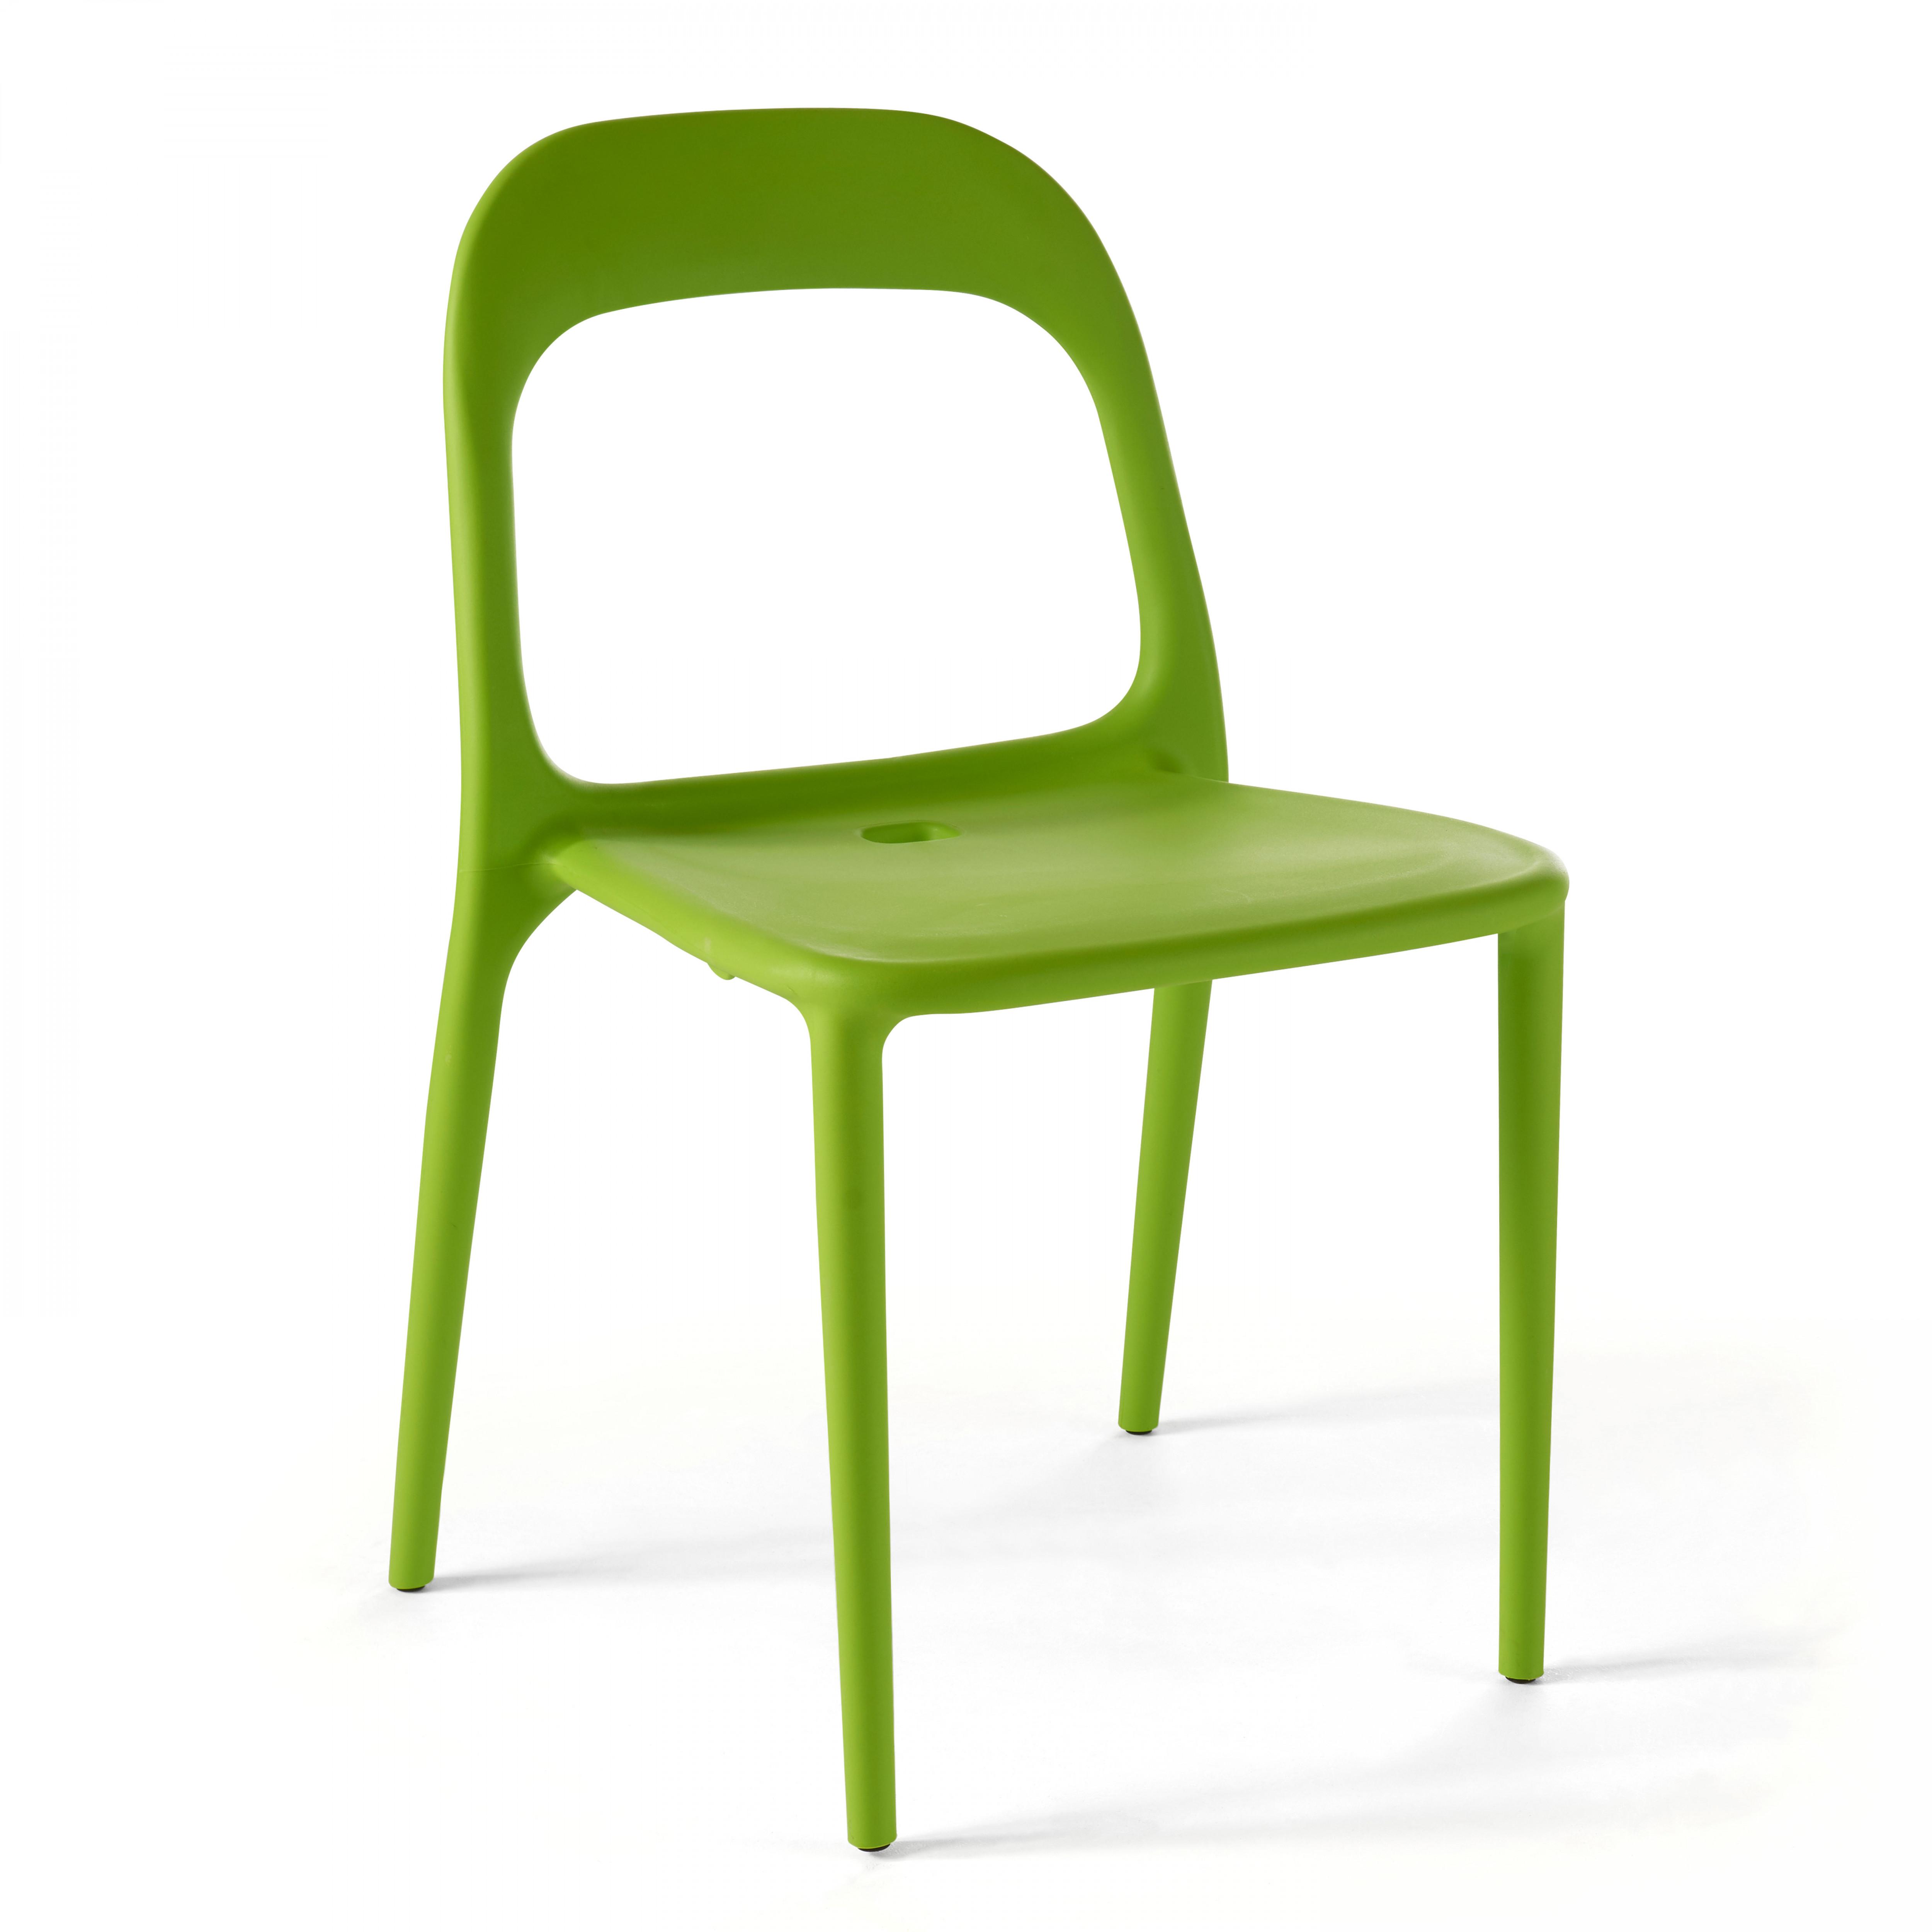 Chaise de jardin 1 place en plastique vert